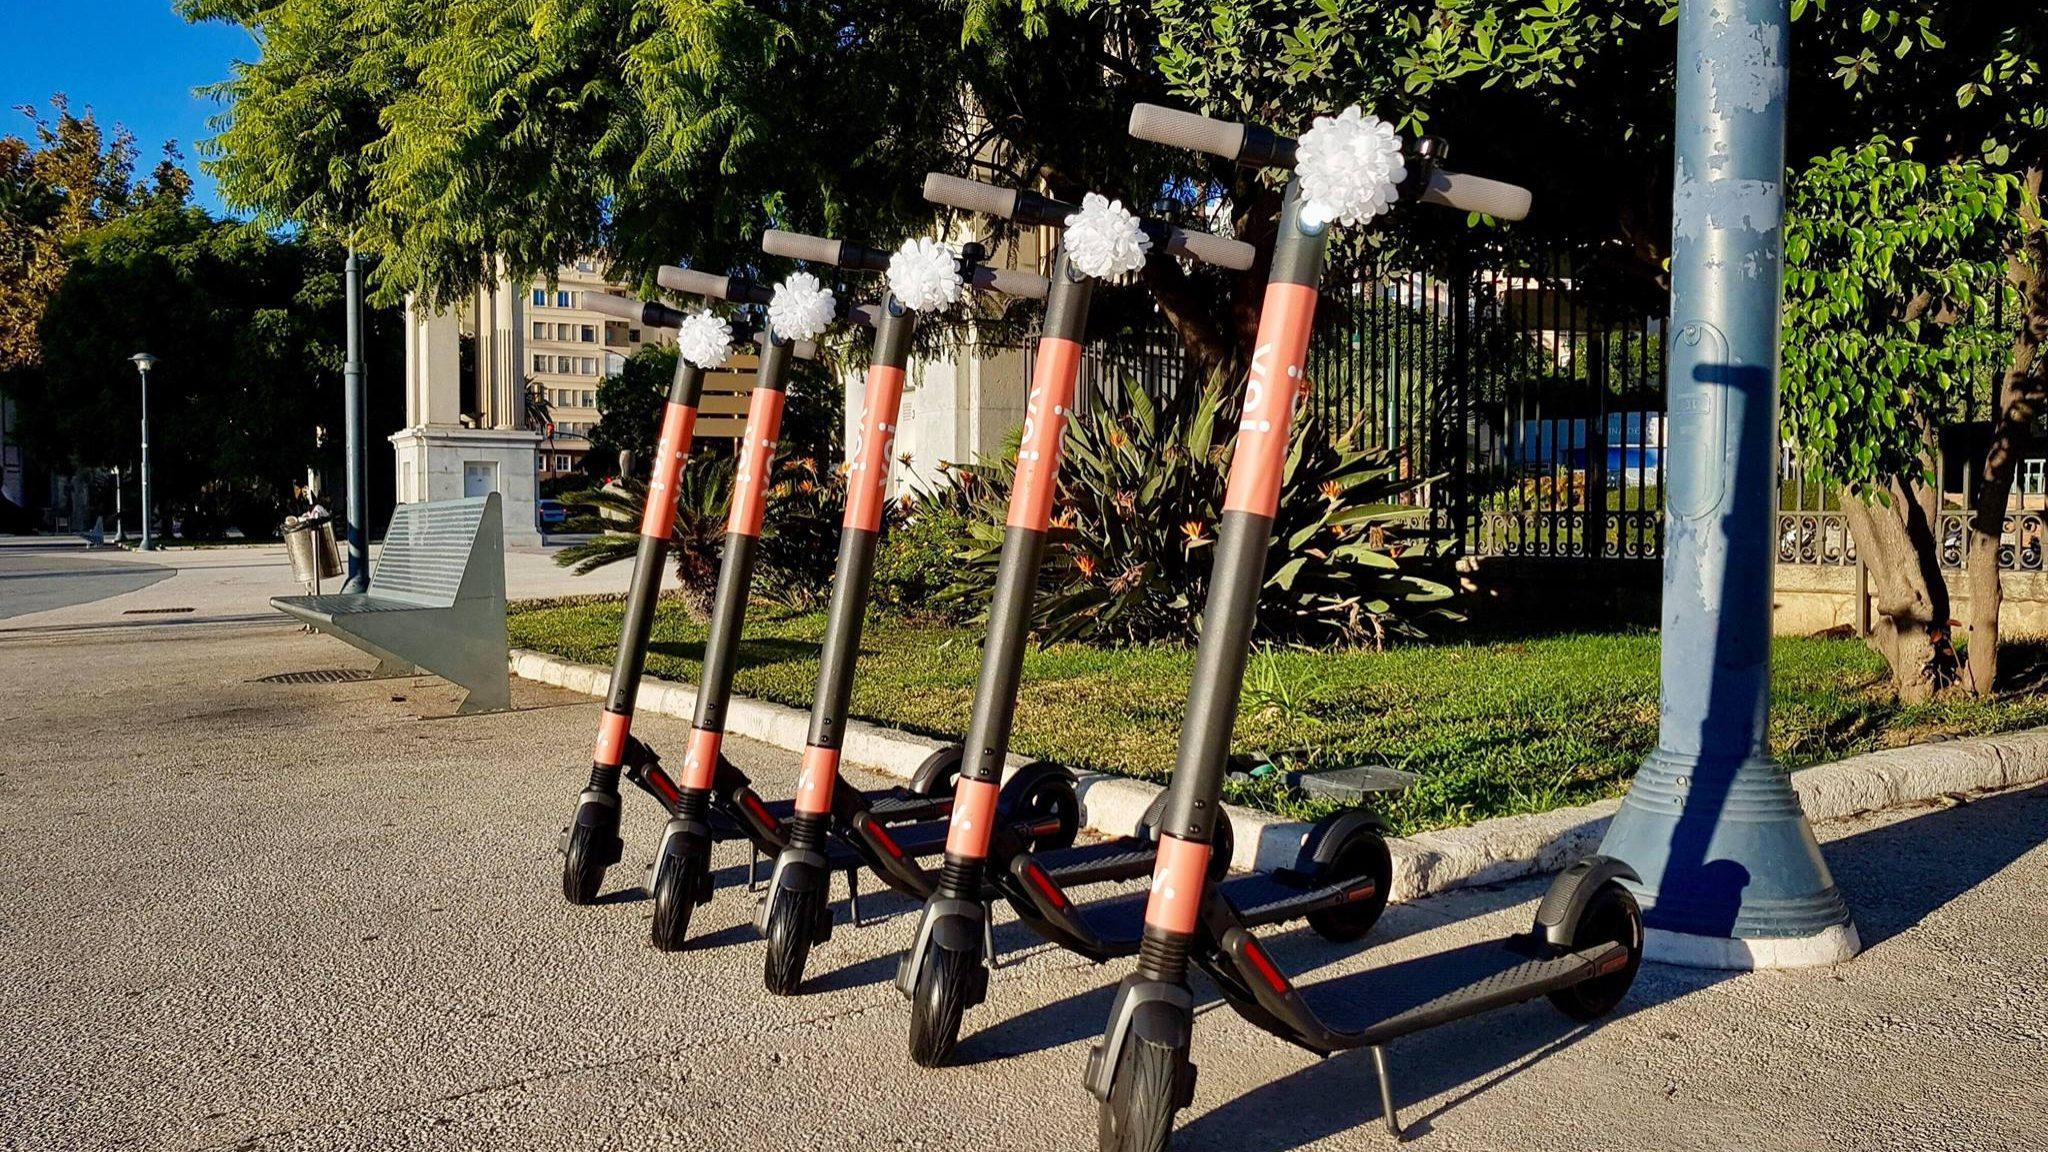 Assembleia de Lisboa recomenda criação de regras para as trotinetas elétricas